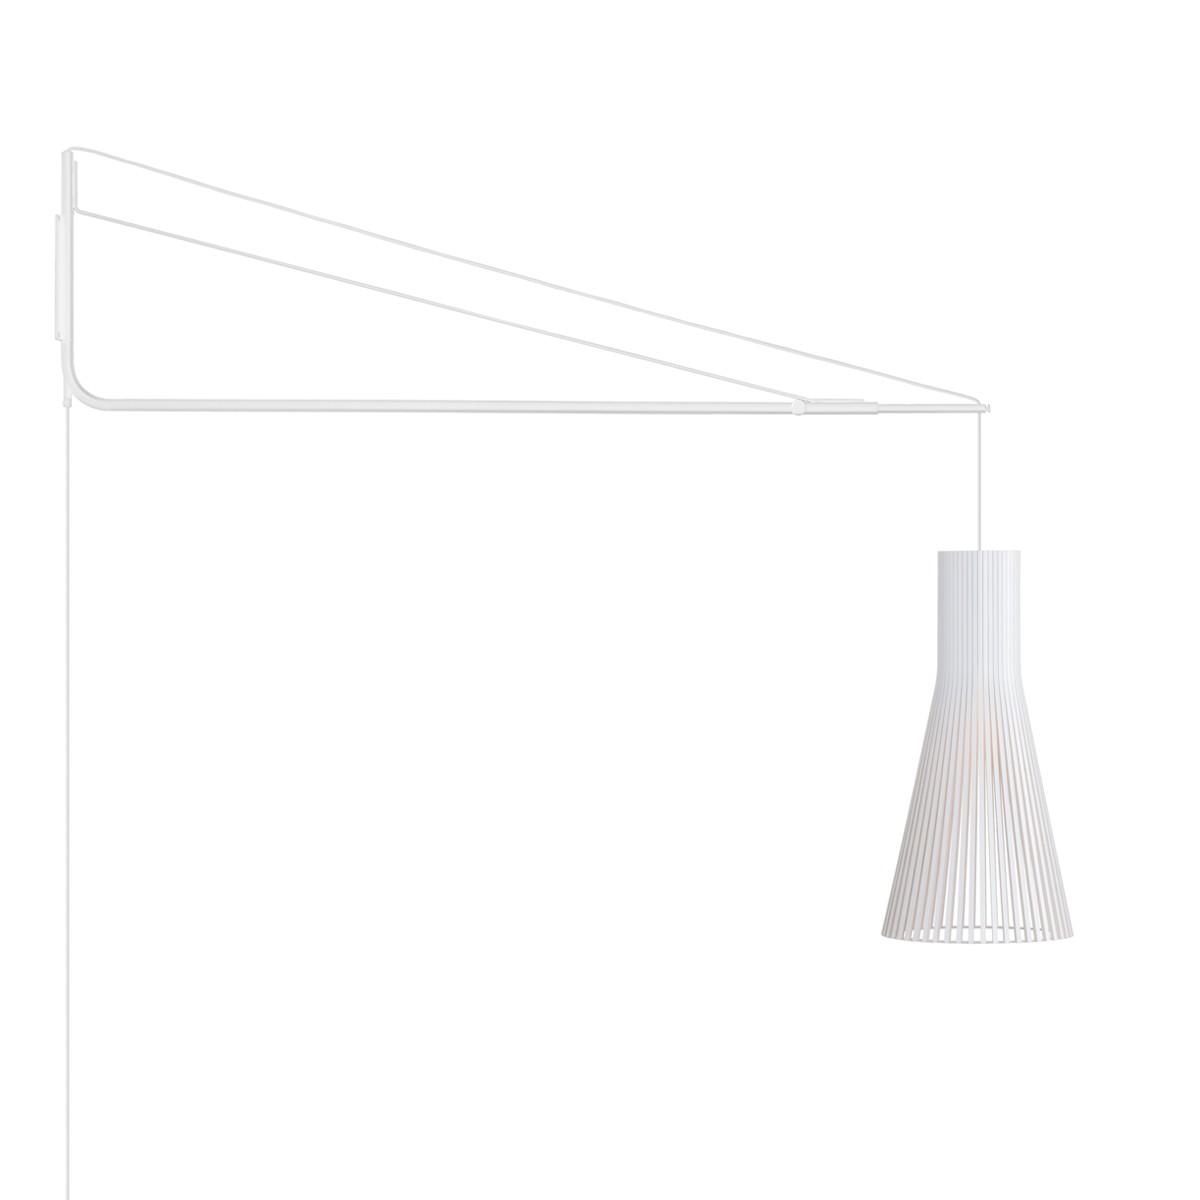 Secto Design Varsi 1000 Wandleuchte mit Secto 4200, weiß, Schirm: weiß laminiert